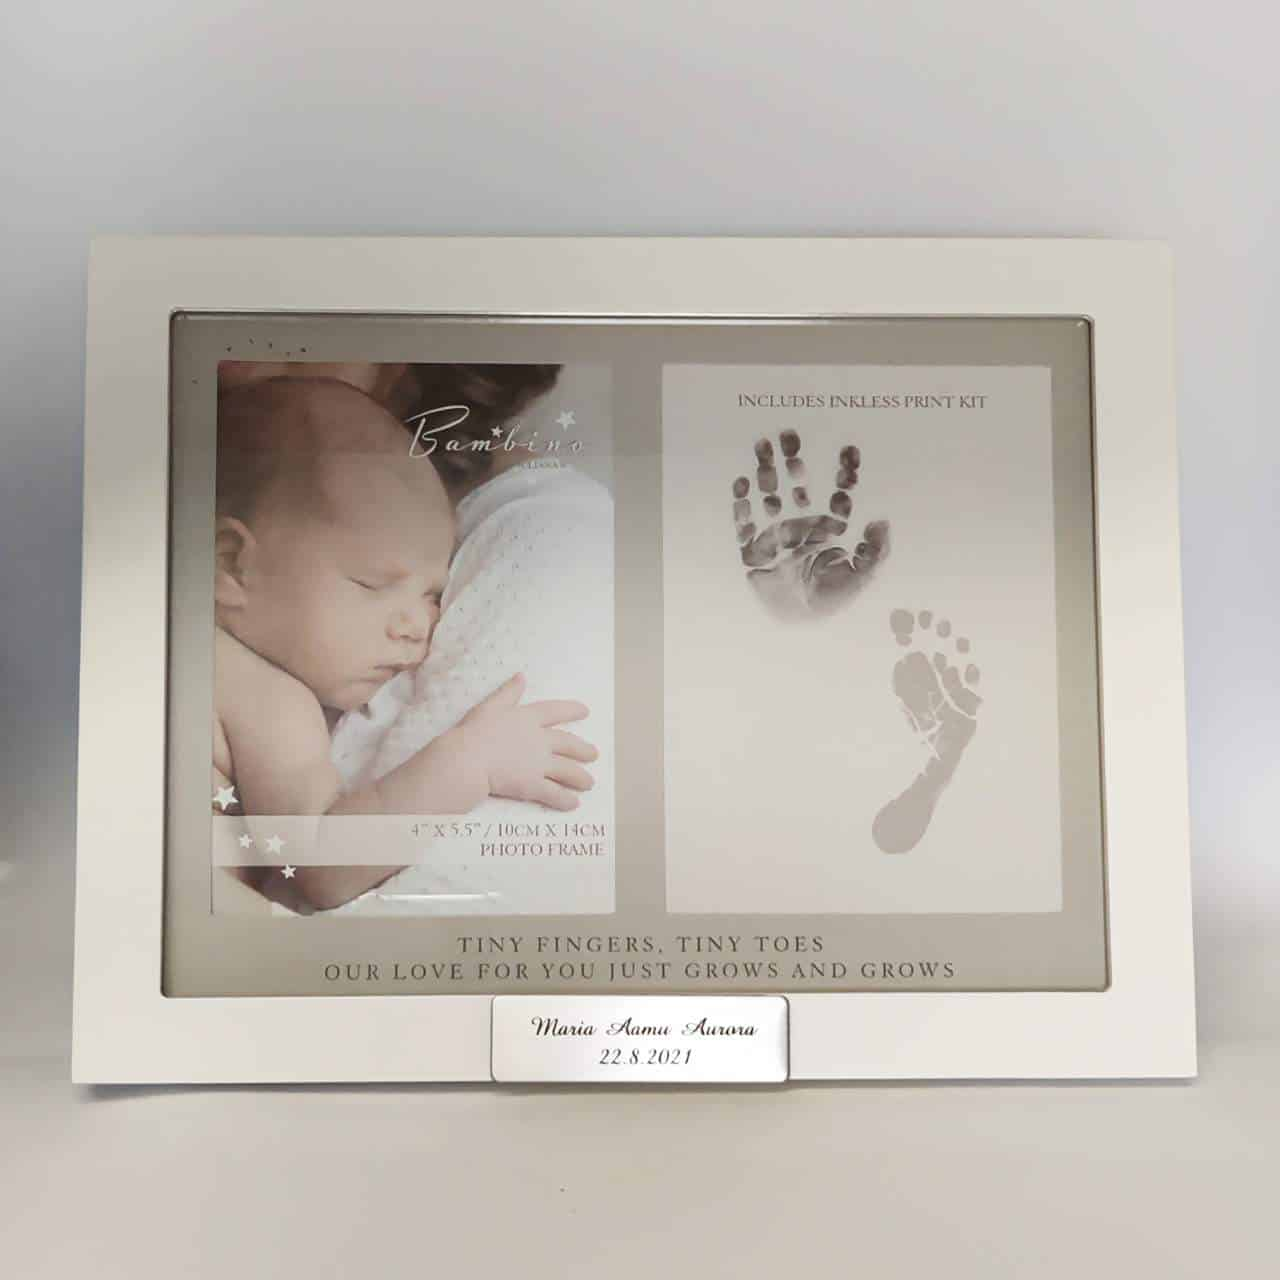 valkoinen valokuvakehys, johon saa vauvan valokuvan sekä käden- ja jalajäljen